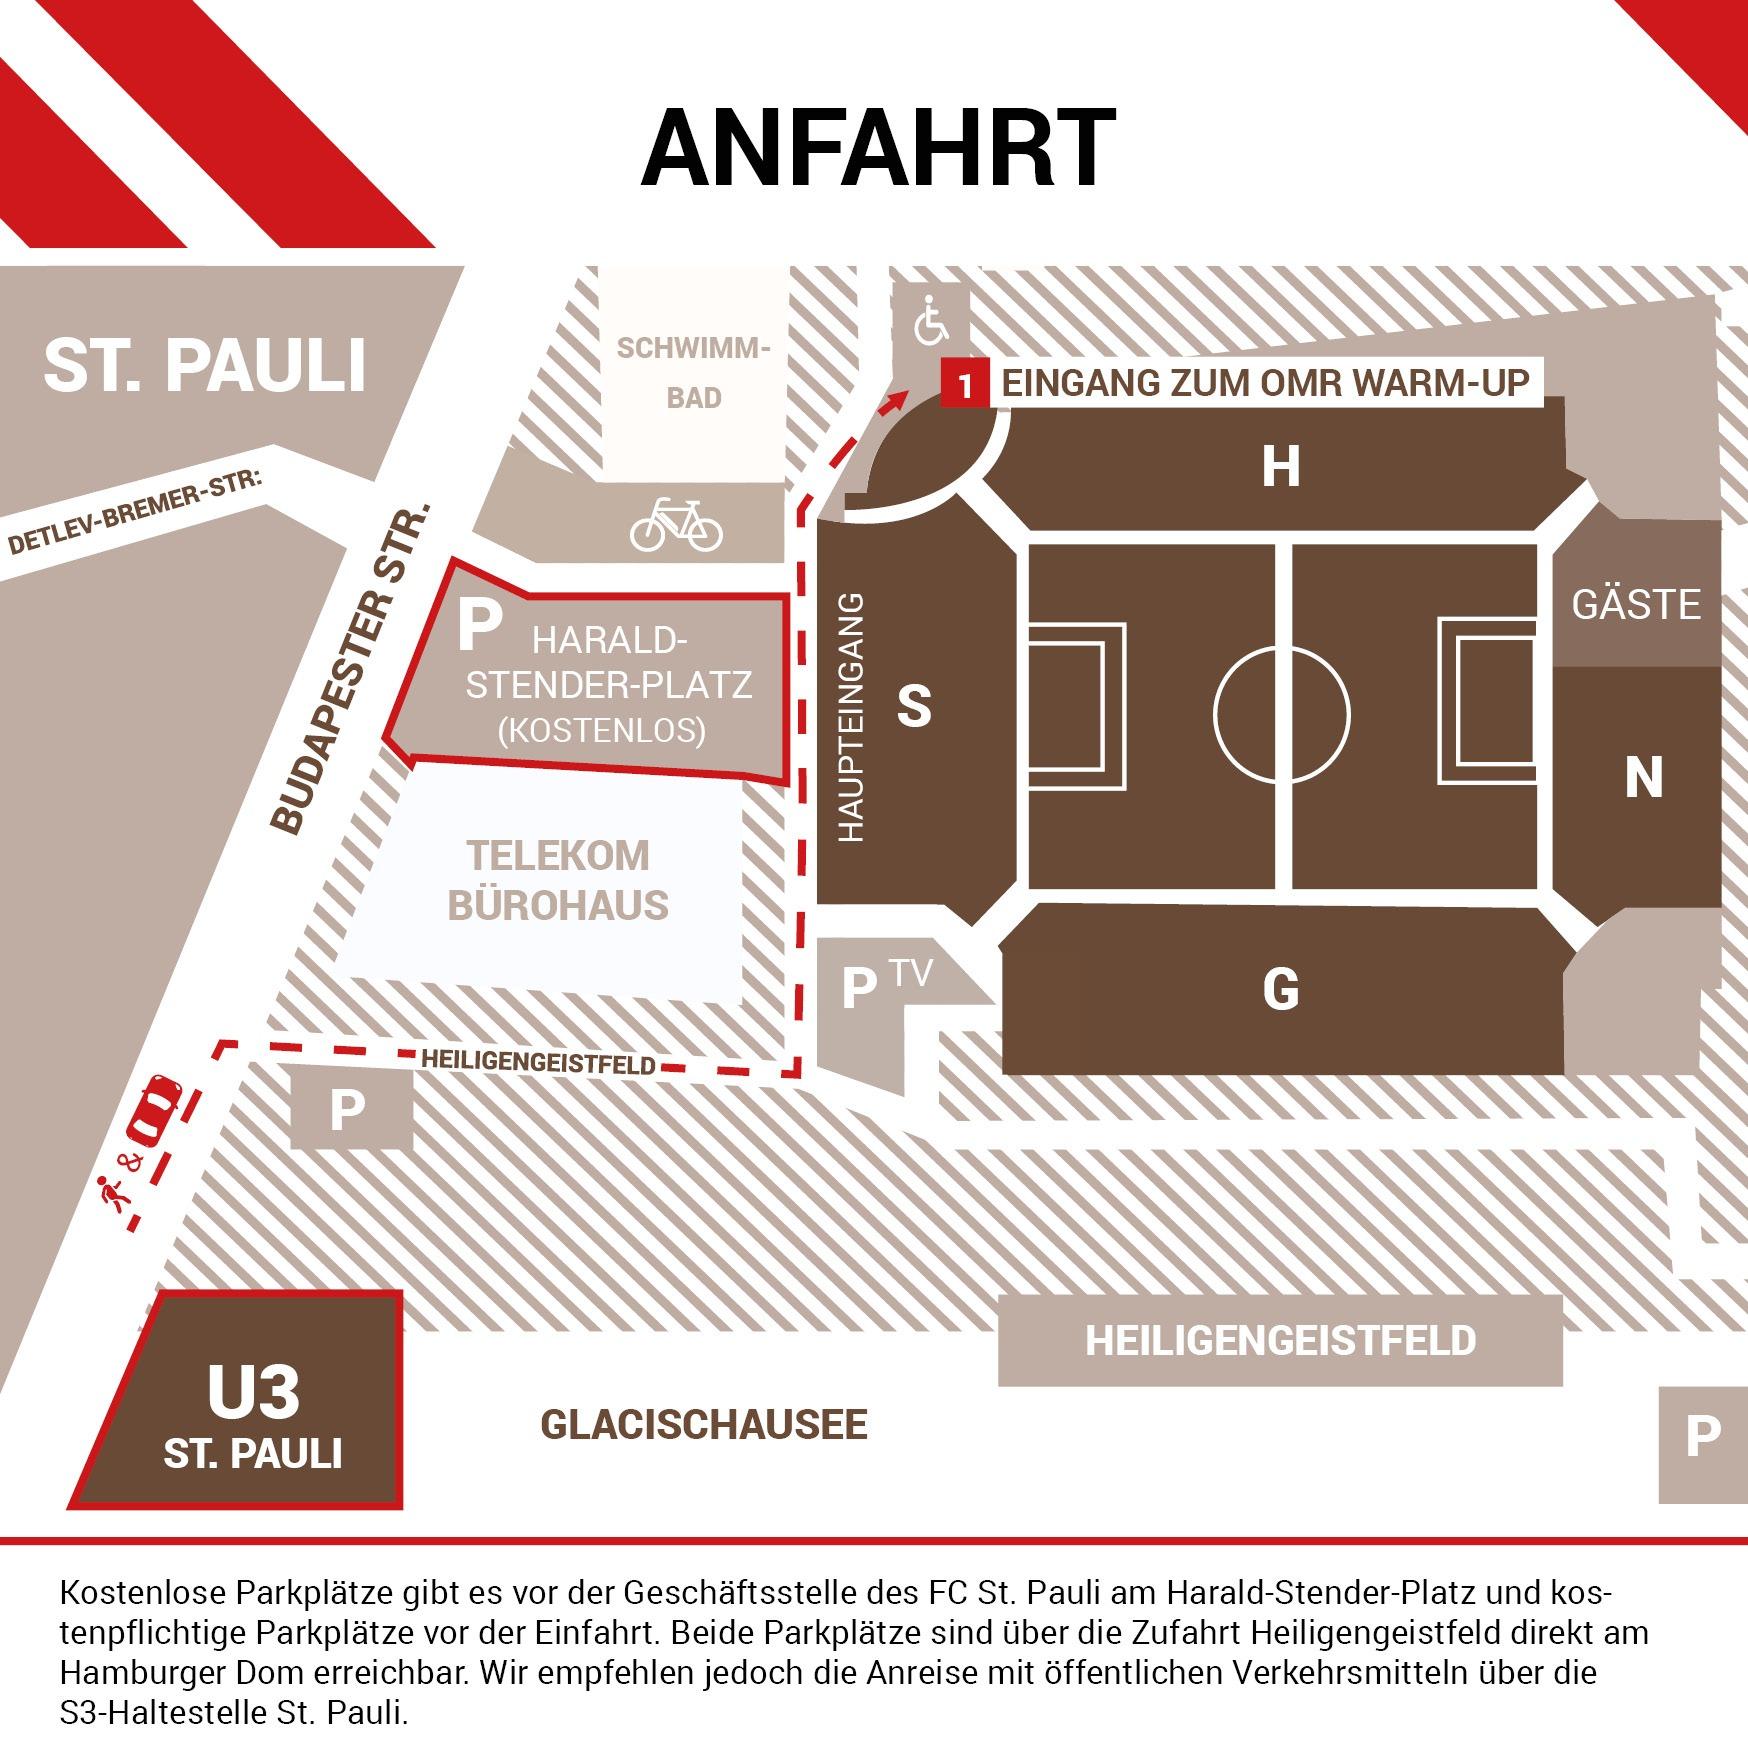 Lageplan und Anfahrt zum OMR-Breakfast im Millerntor-Stadion